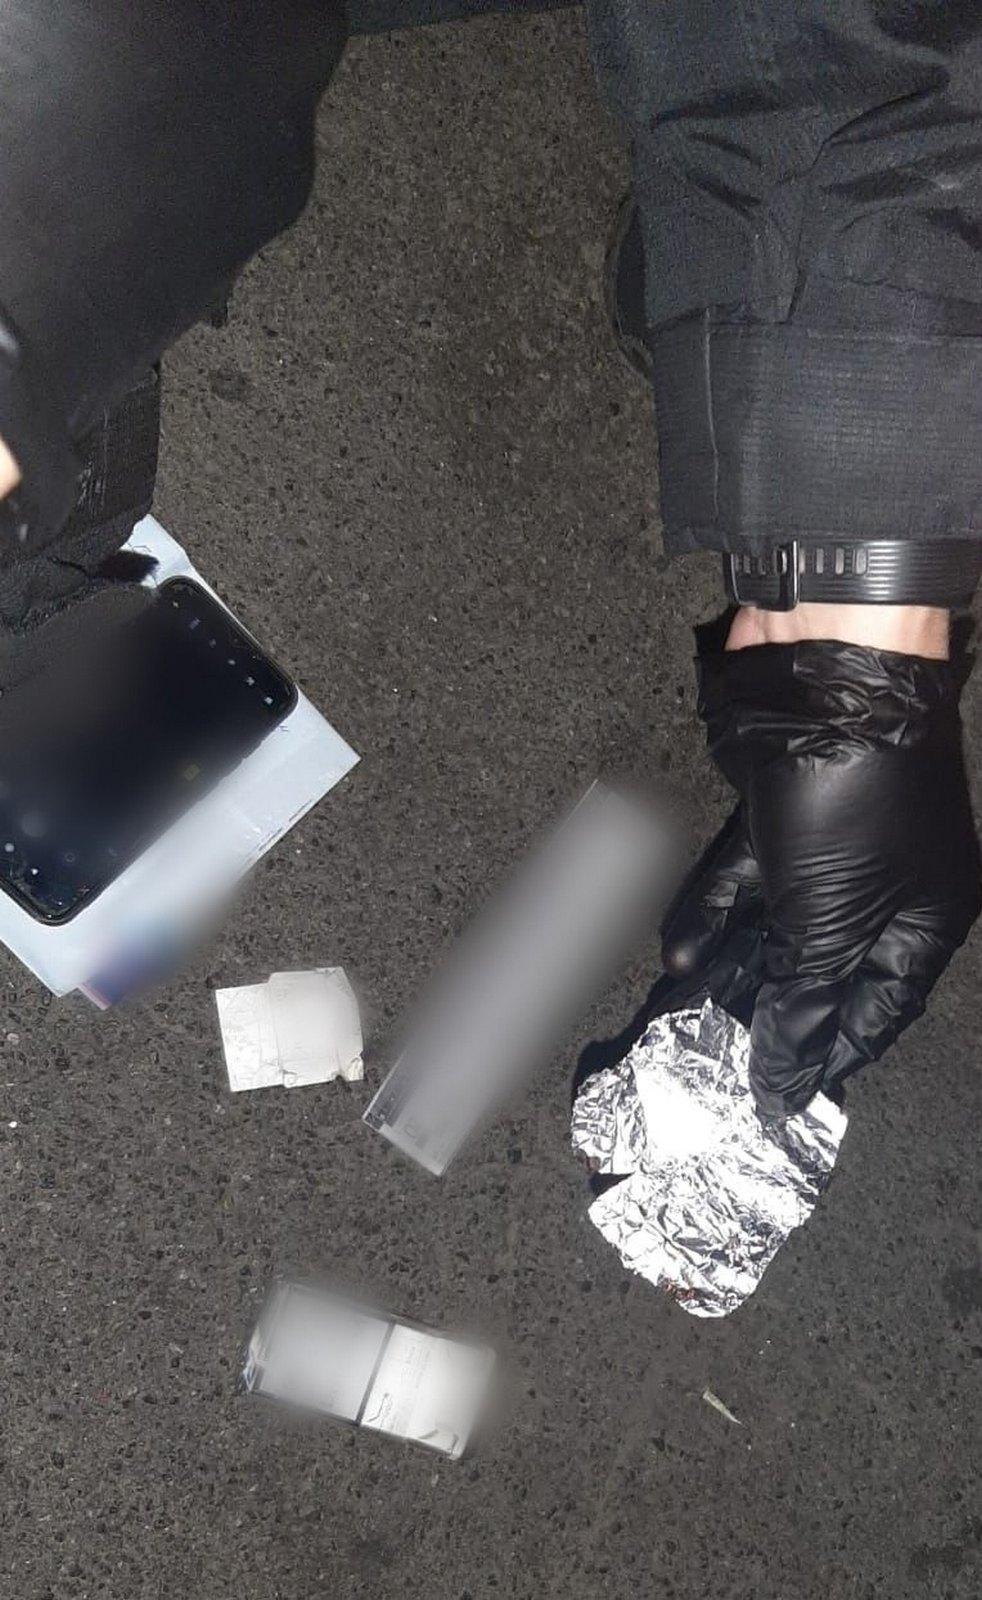 Зупинили скутериста з наркотиками, фото - поліція